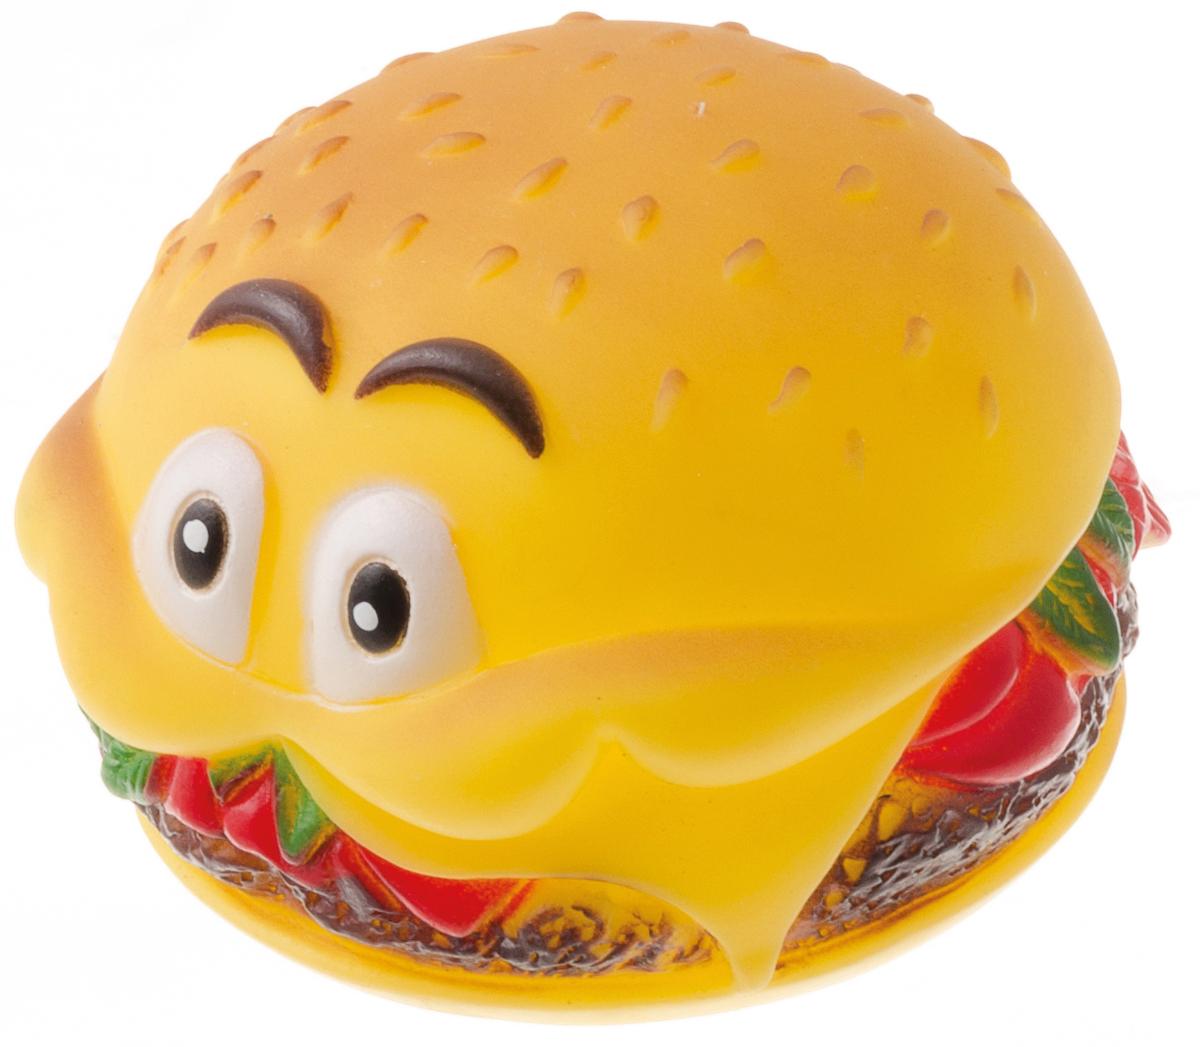 Игрушка для собак V.I.Pet Гамбургер с глазами, цвет: оранжевый, красный, зеленый, 8 х 6 см. V-3020120710Игрушка изготовлена из натурального винила с использованием только безопасных, нетоксичных красителей. Великолепно подходит для игры и массажа десен вашей собаки. Игрушка не позволит скучать вашему питомцу и дома, и на улице. Материал: винил. Размер: 8 x 6 см.